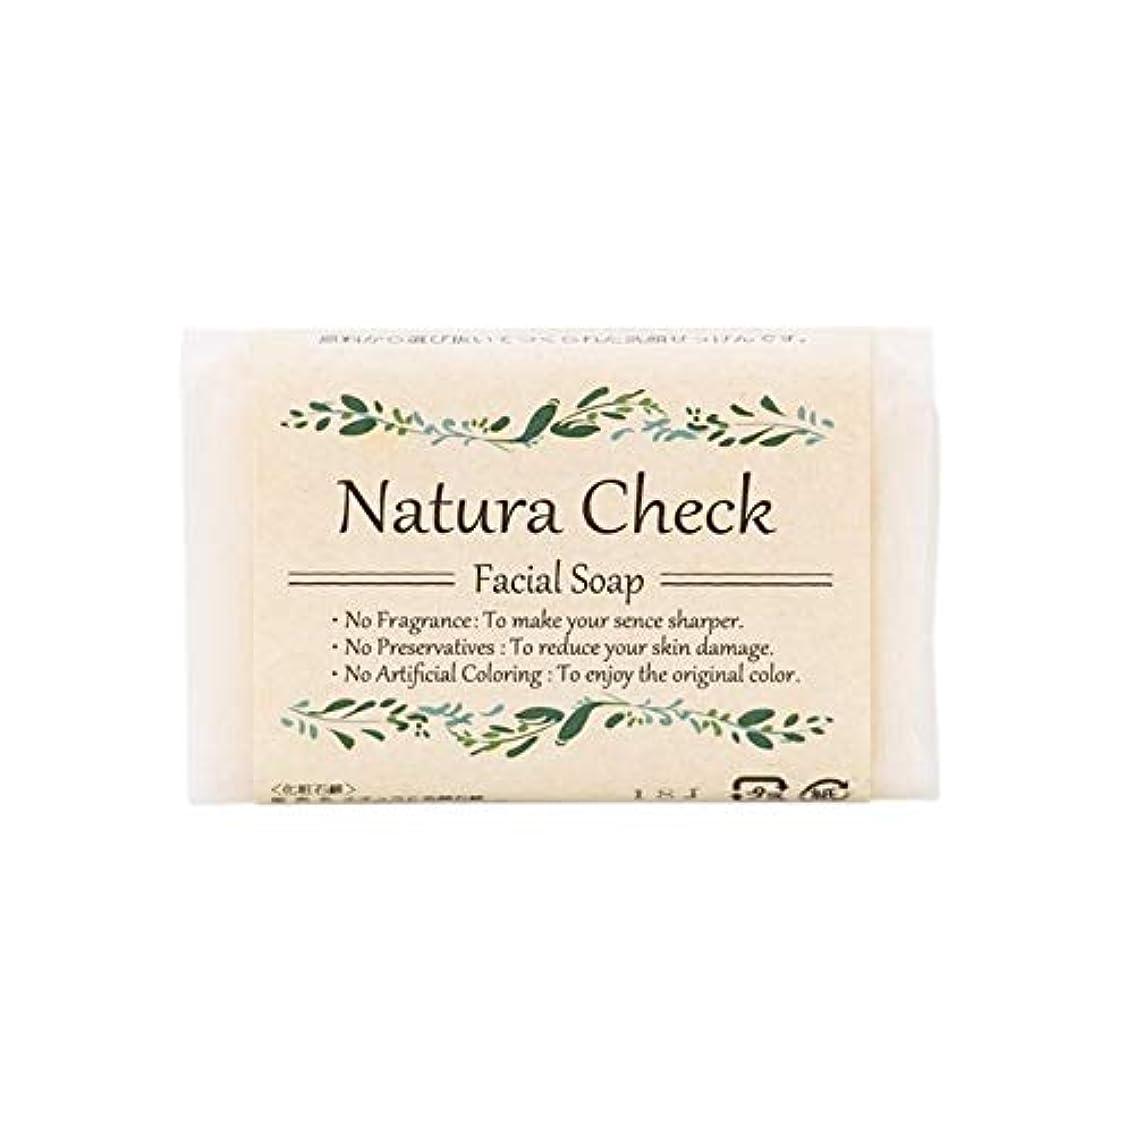 巻き戻すのり犯罪Natura Check 無添加洗顔せっけん80g 毛穴の黒ずみ、毛穴の開き、敏感肌、乾燥肌対策に 新生児やアトピー肌にも安心